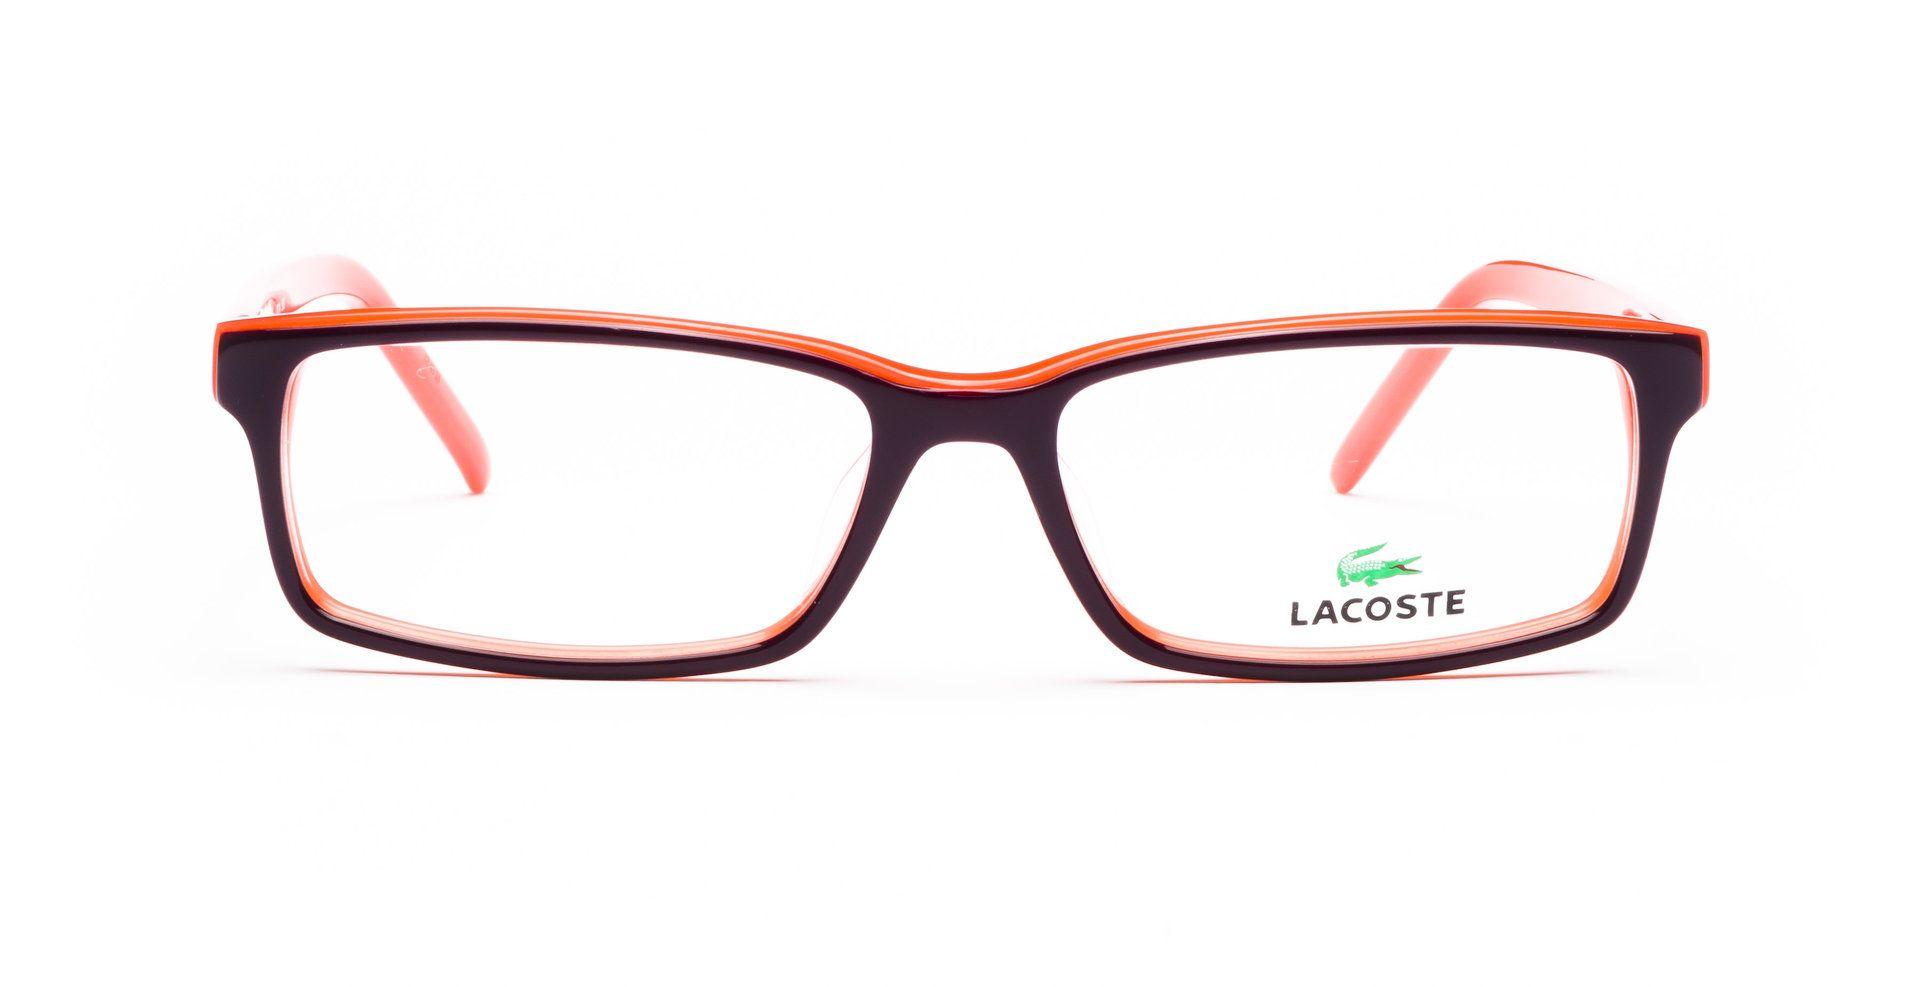 Lacoste   Glasses   Brille   L2614 503 5216   Wine/Orange ...